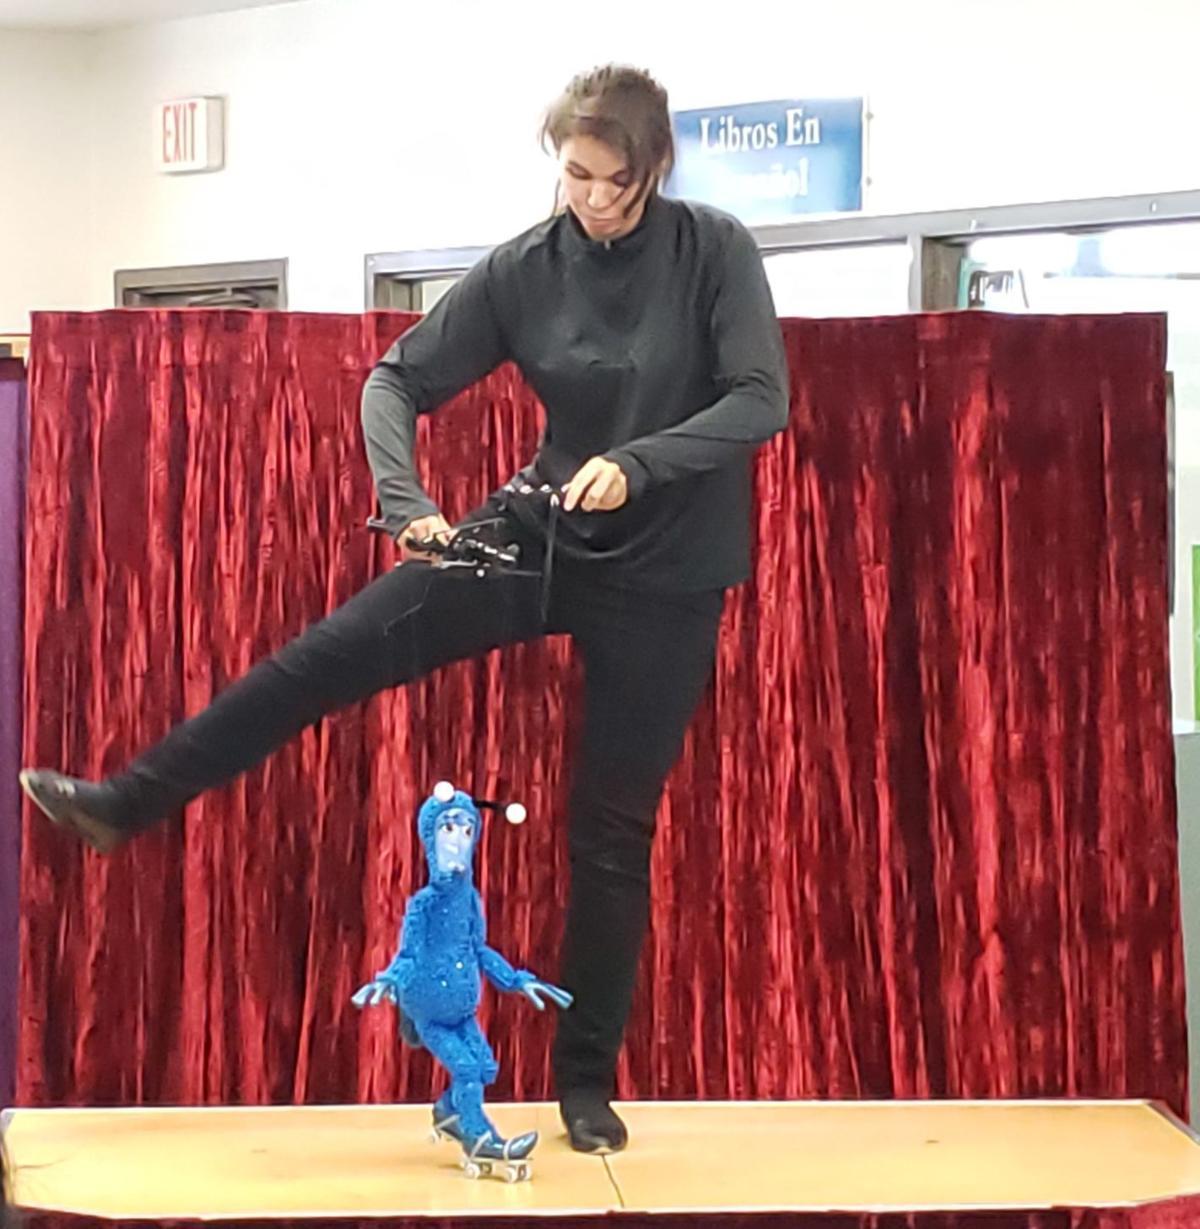 Marionettes skates